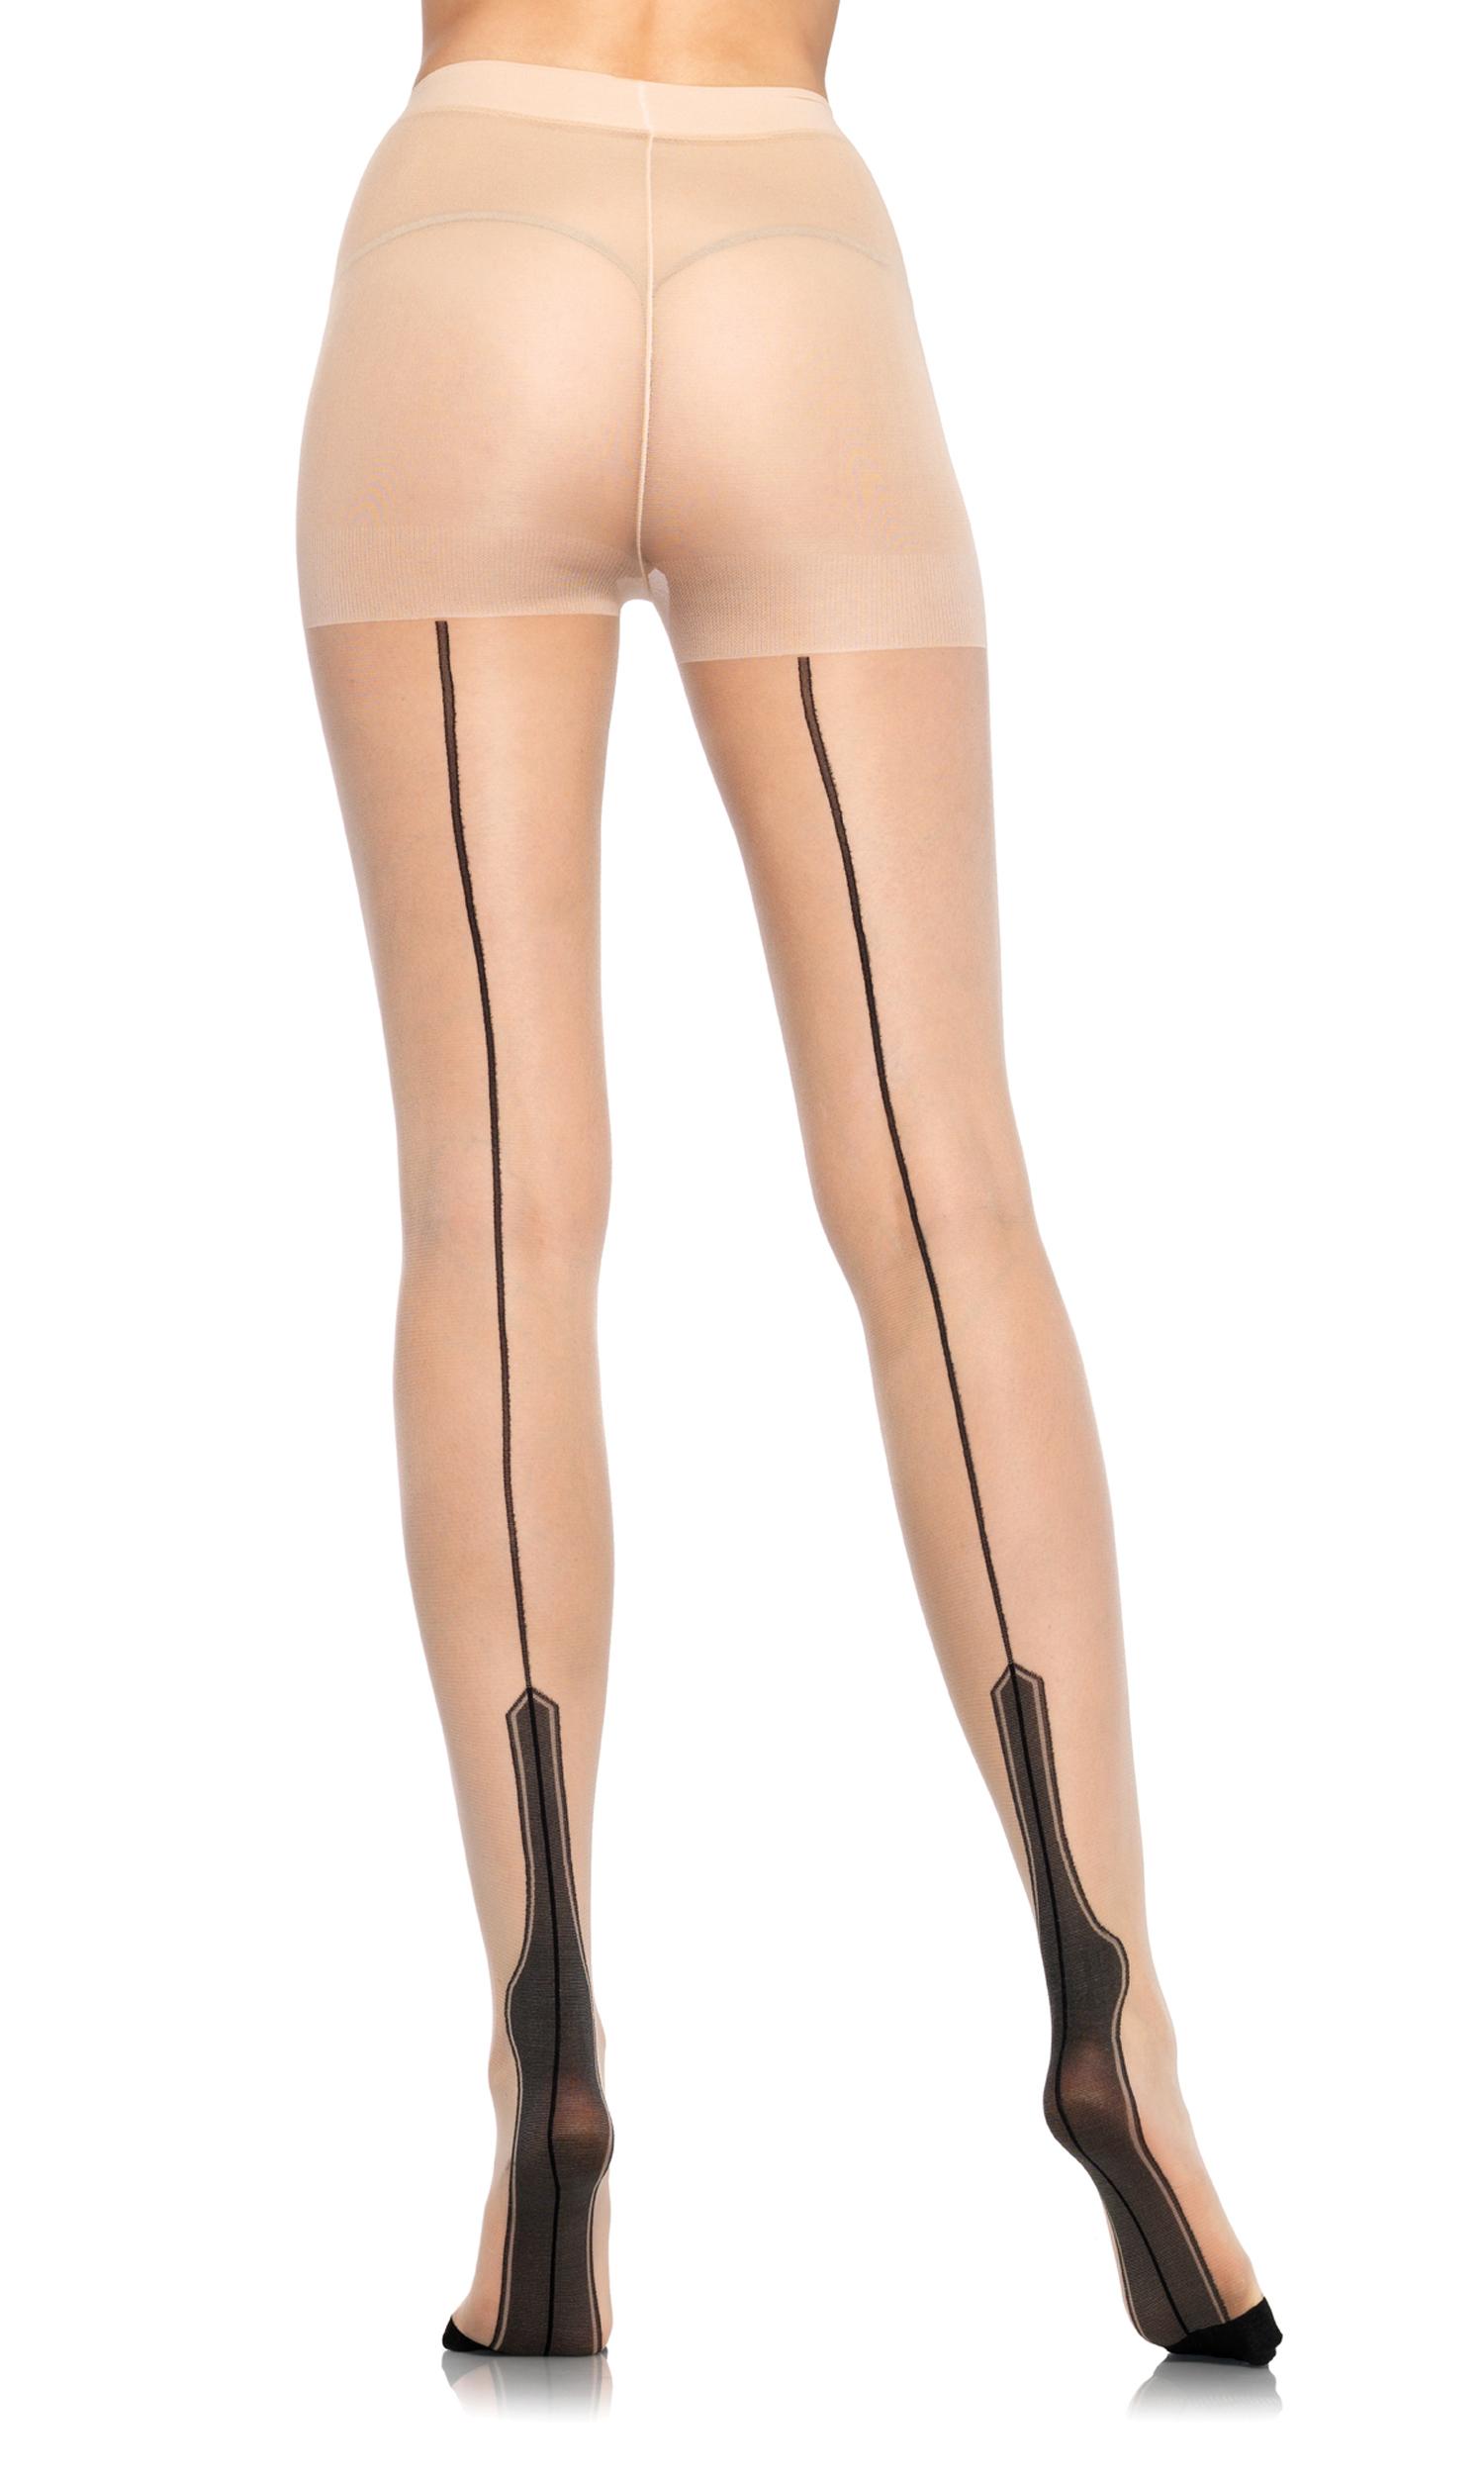 havana-heels-pantyhose